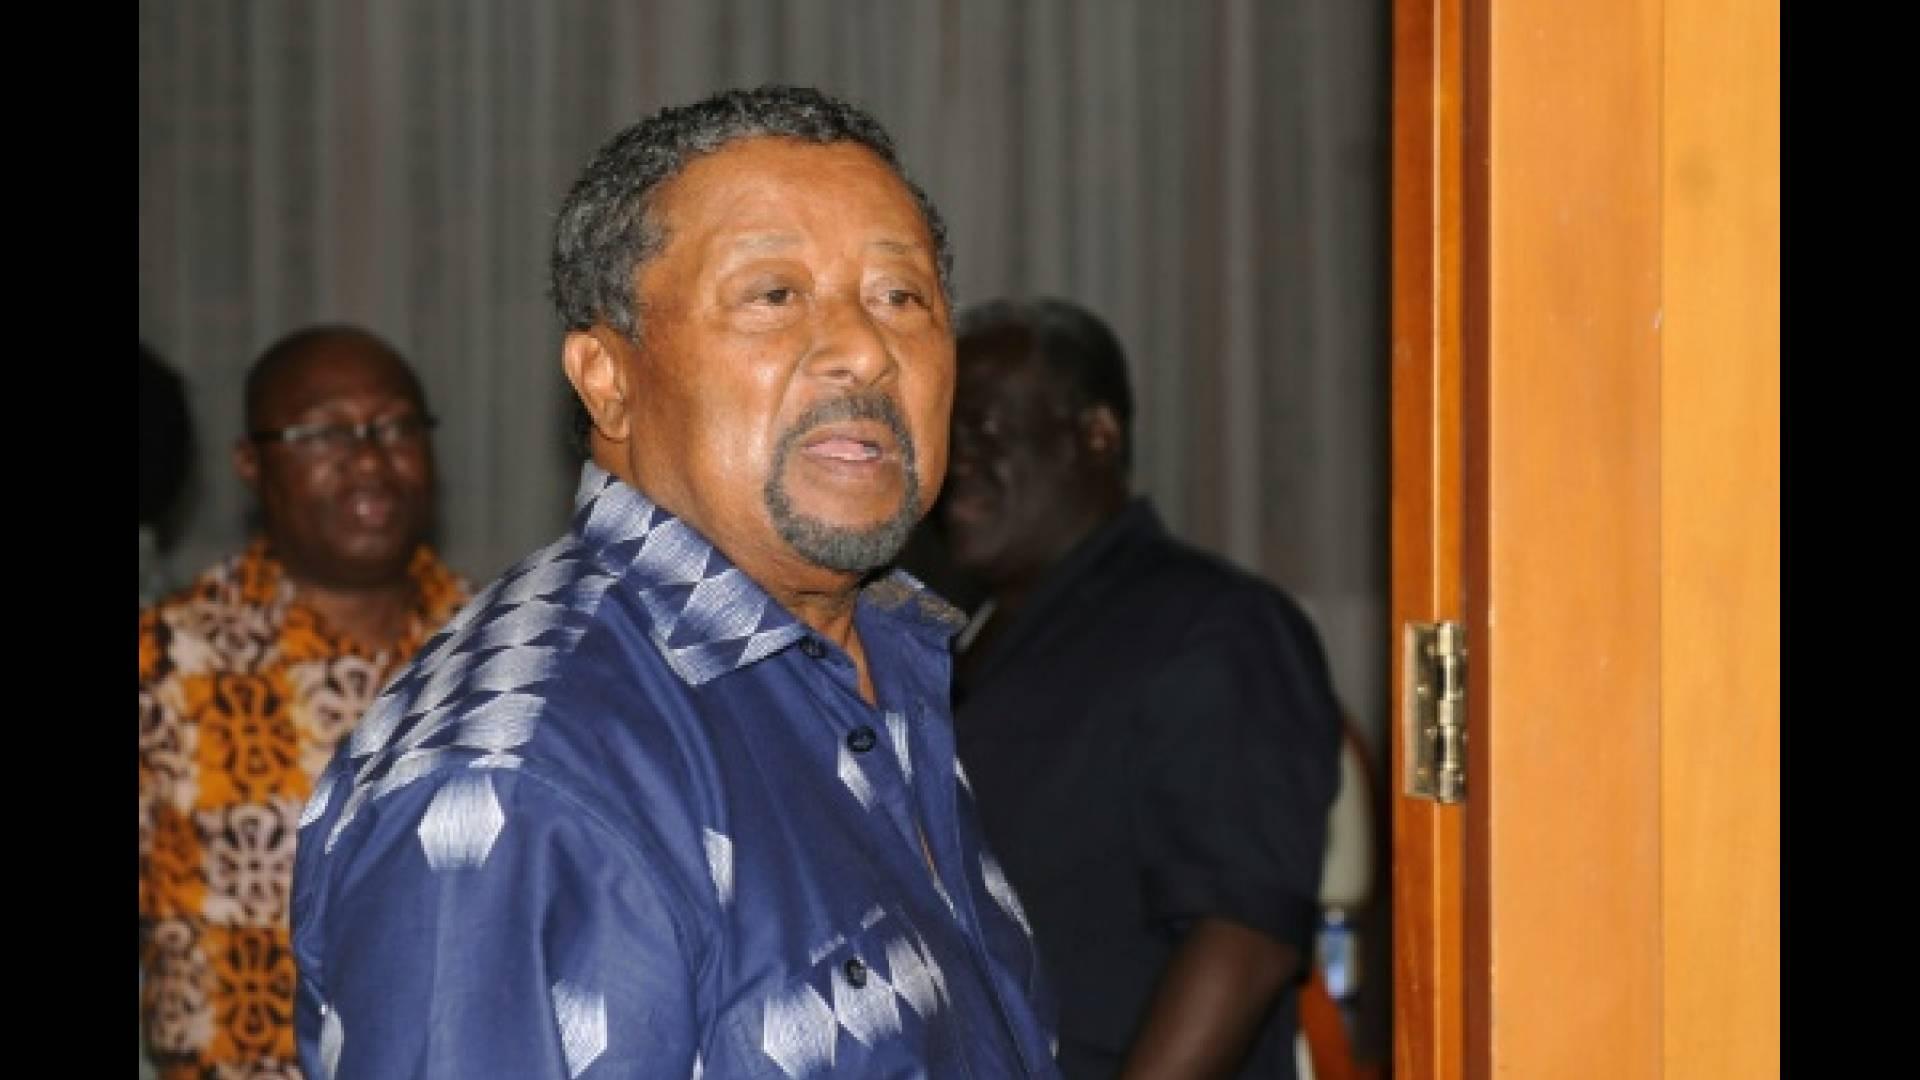 L'opposant gabonais Jean Ping sera arrêté en cas de violences